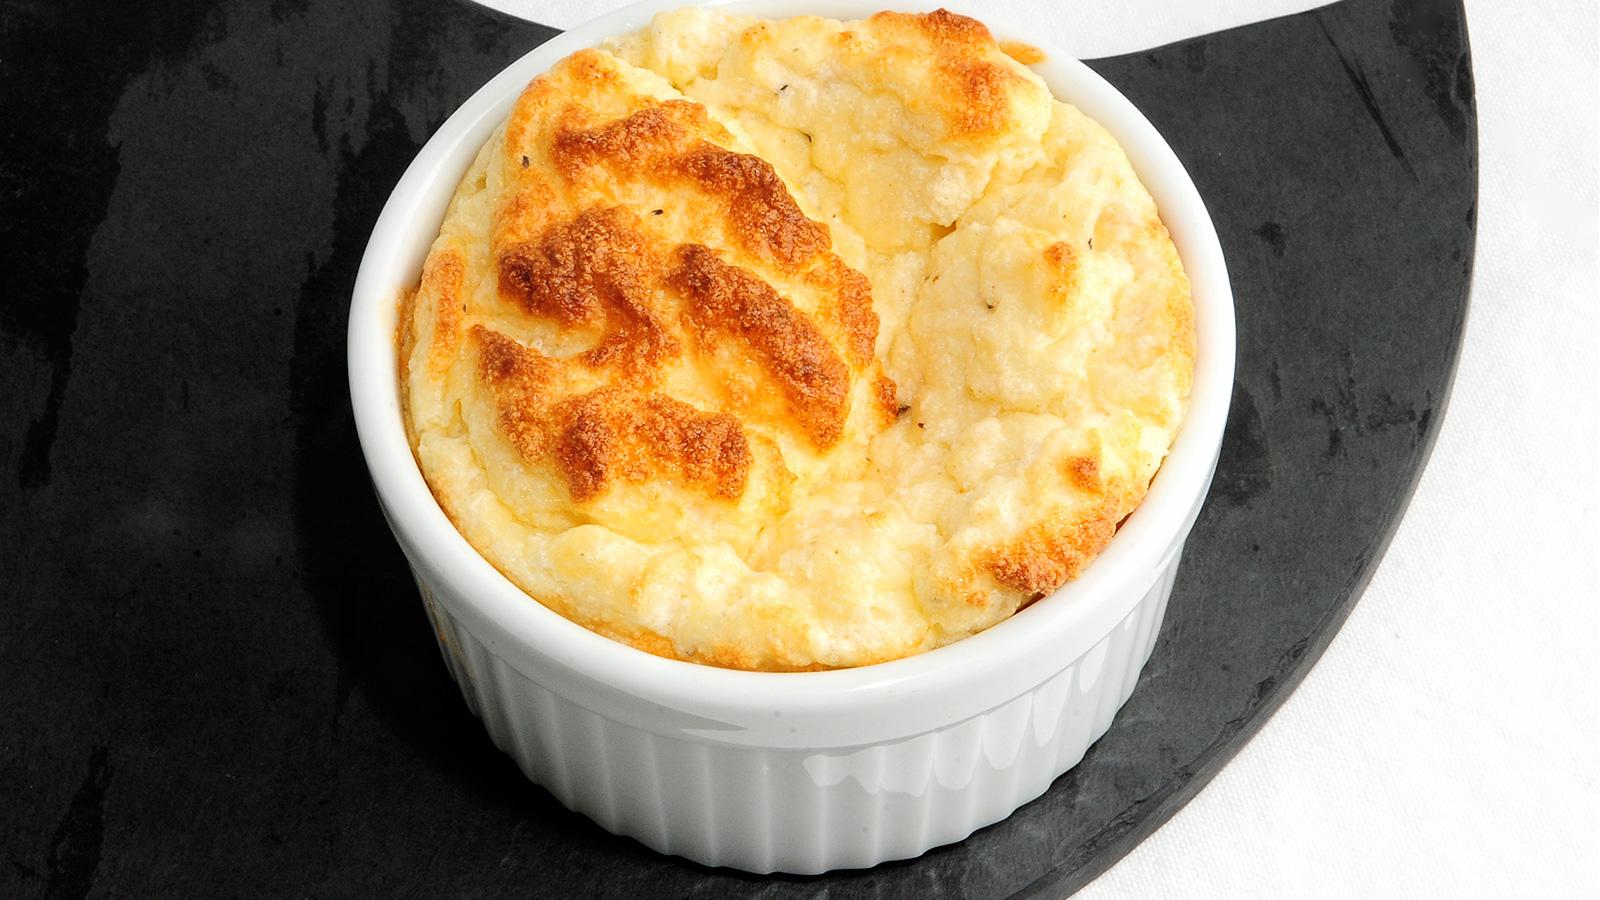 Souffle de queso evelyne ramelet receta canal cocina for Cocina francesa canal cocina